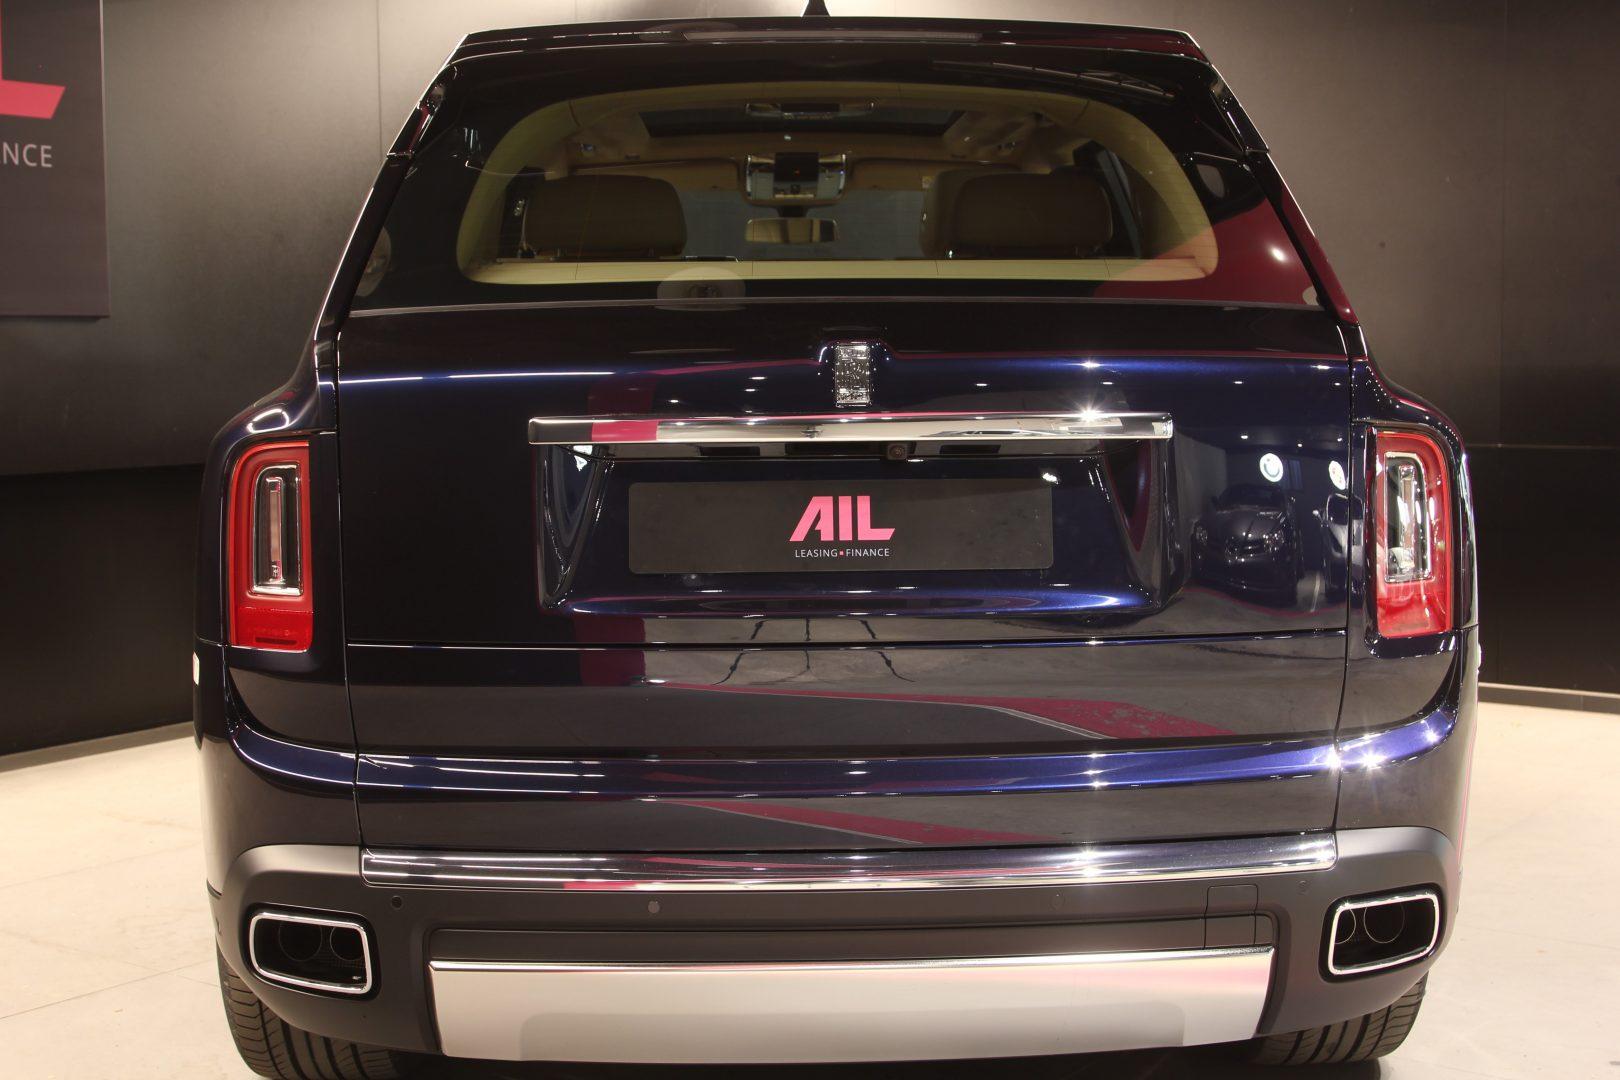 AIL Rolls Royce Cullinan V12 1